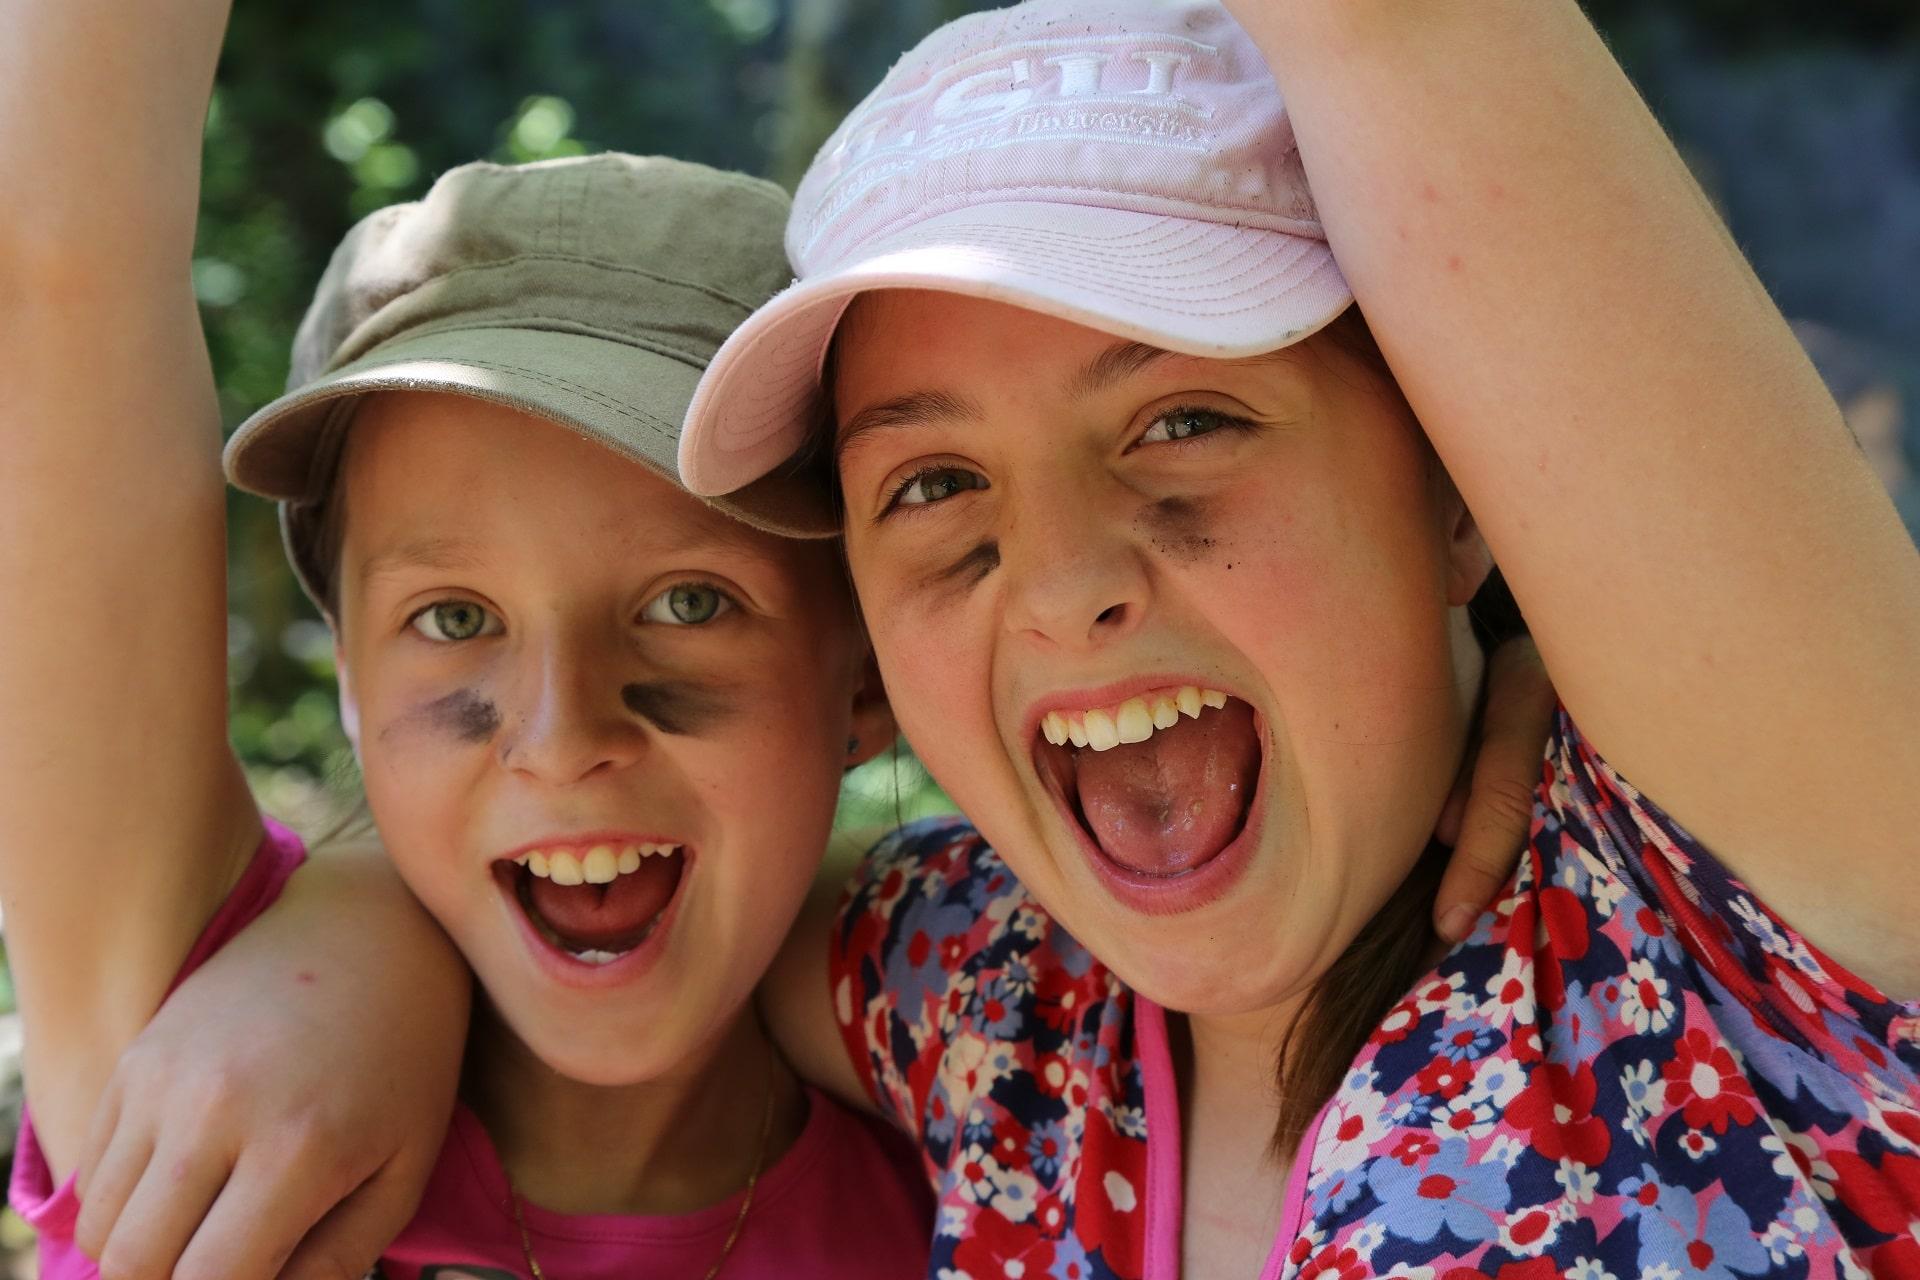 Lachende Kinder sind in einem Ferienlager keine Seltenheit. Spass, Naturerlebnisse und bleibende Erfahrungen.